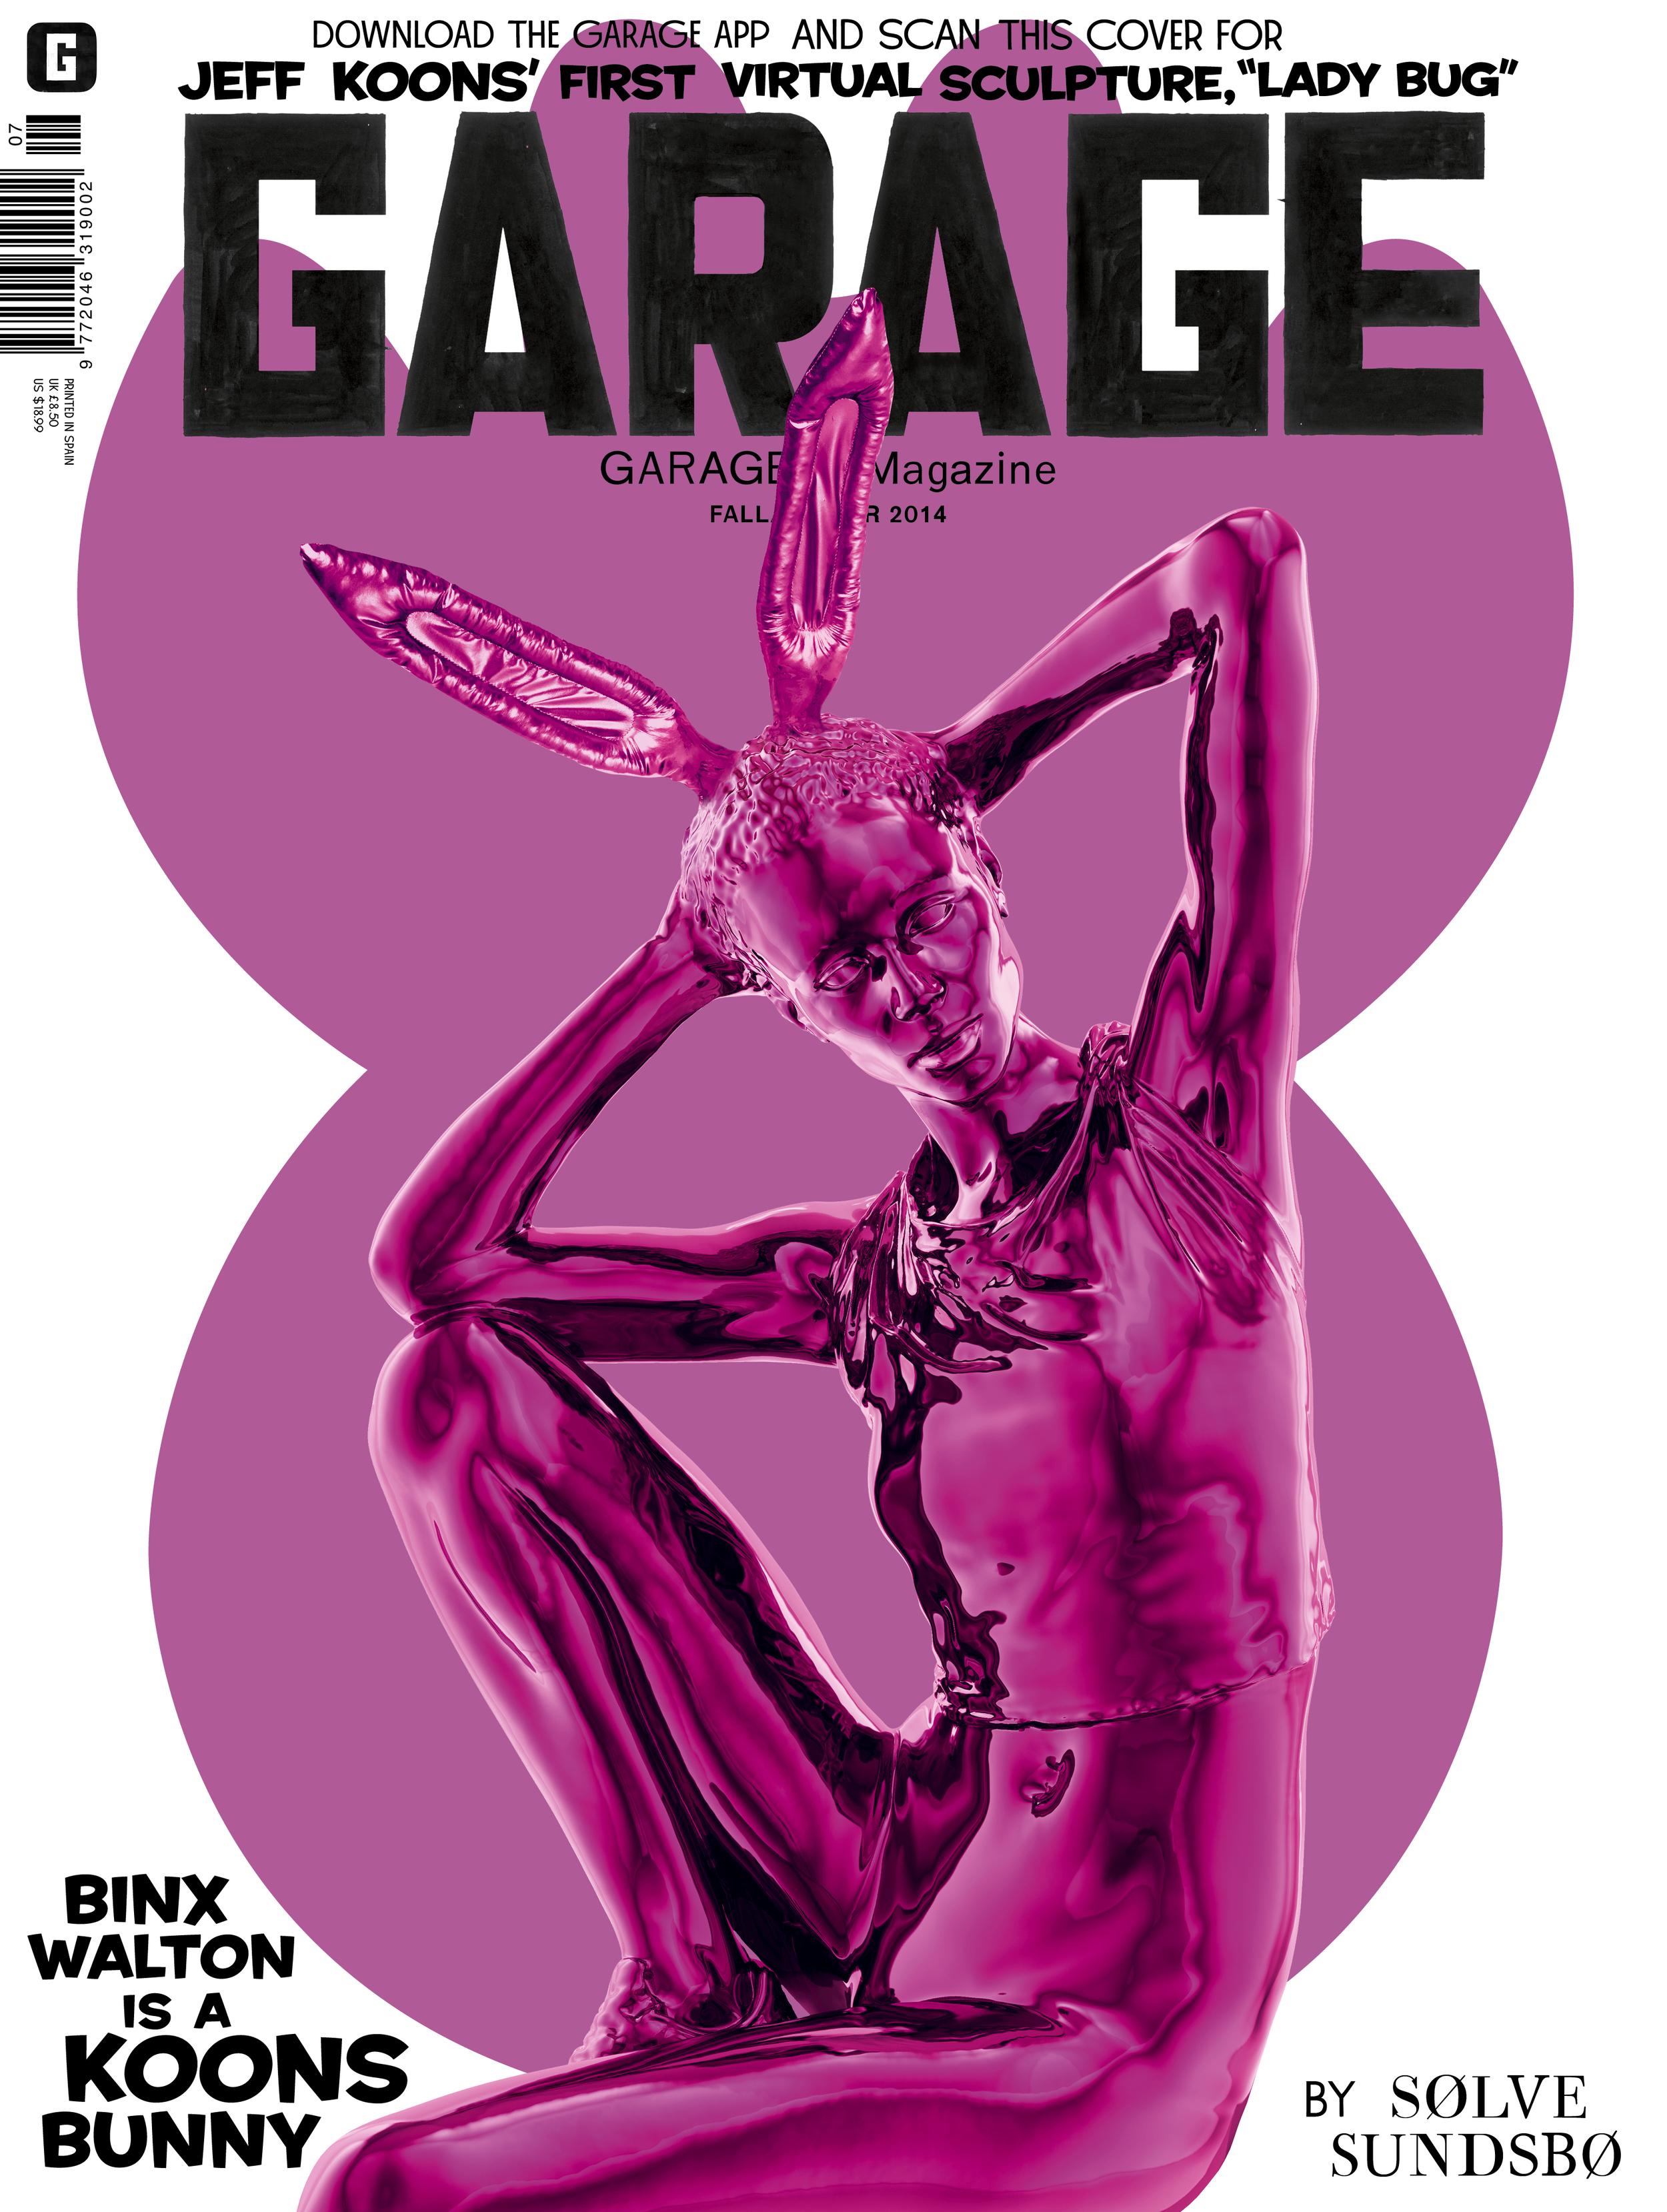 GARAGE Cover #7 v16 final2.jpg